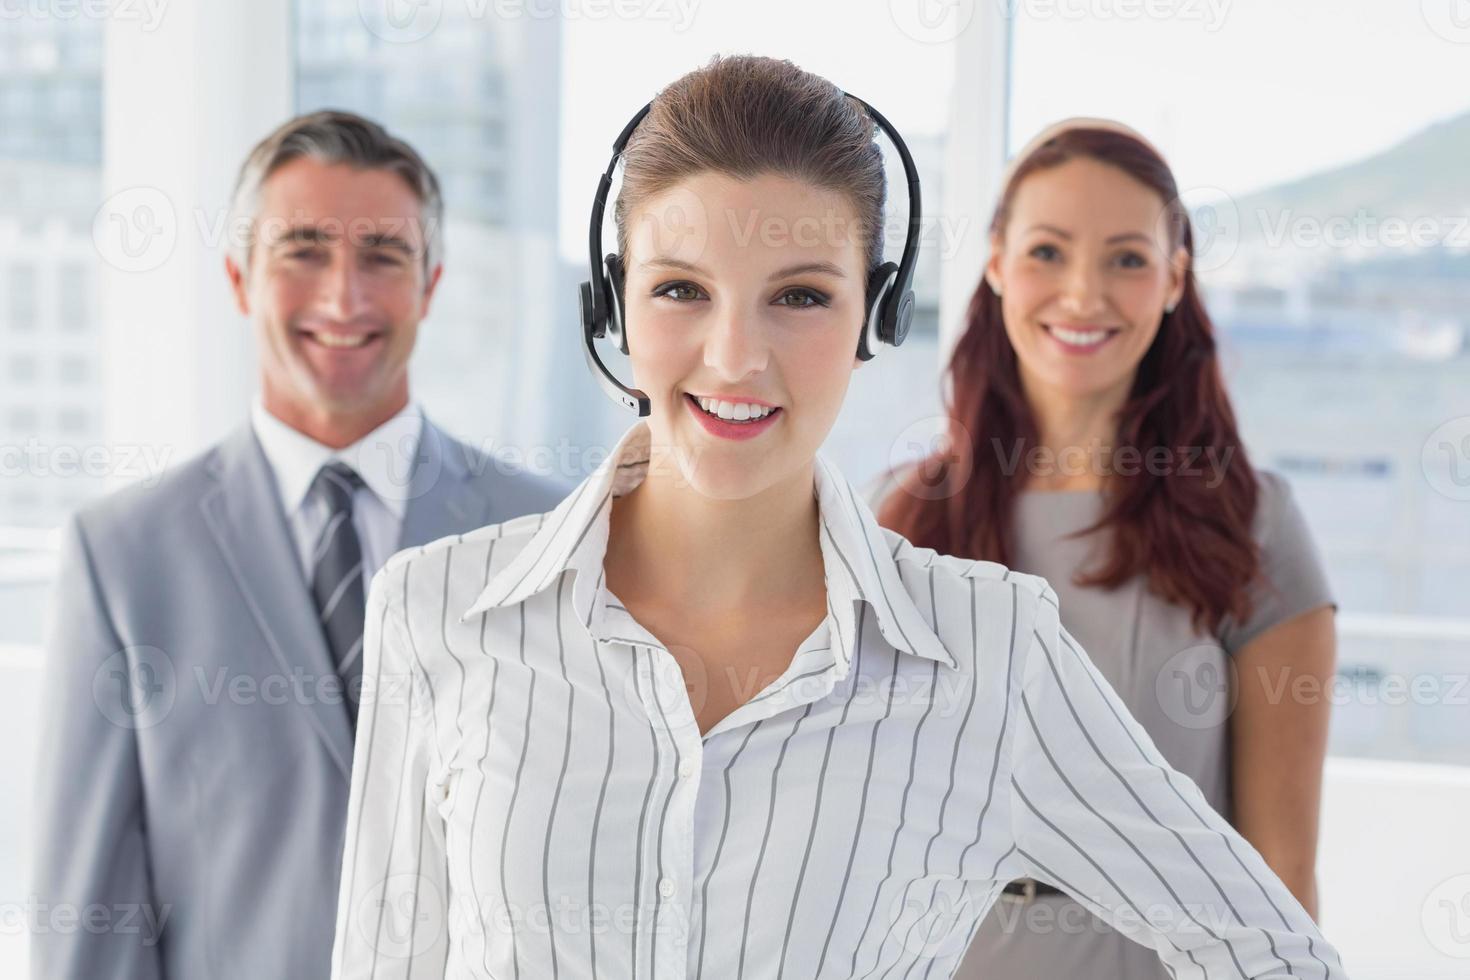 empresária, usando um fone de ouvido do trabalho foto